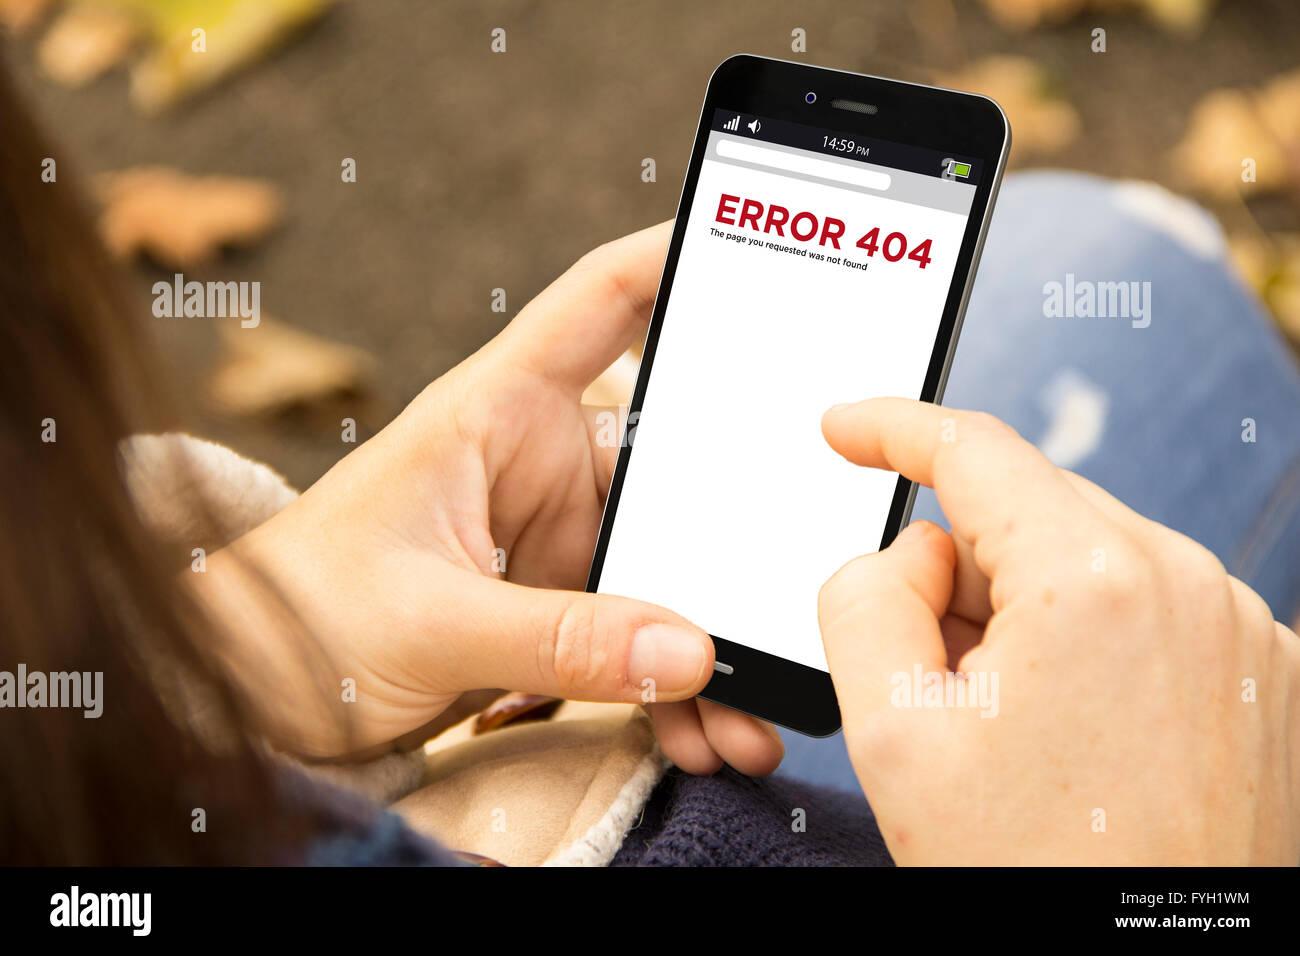 Concetto di navigazione: donna tenendo un 3d generati smartphone con errore 404 sullo schermo. La grafica sullo Immagini Stock